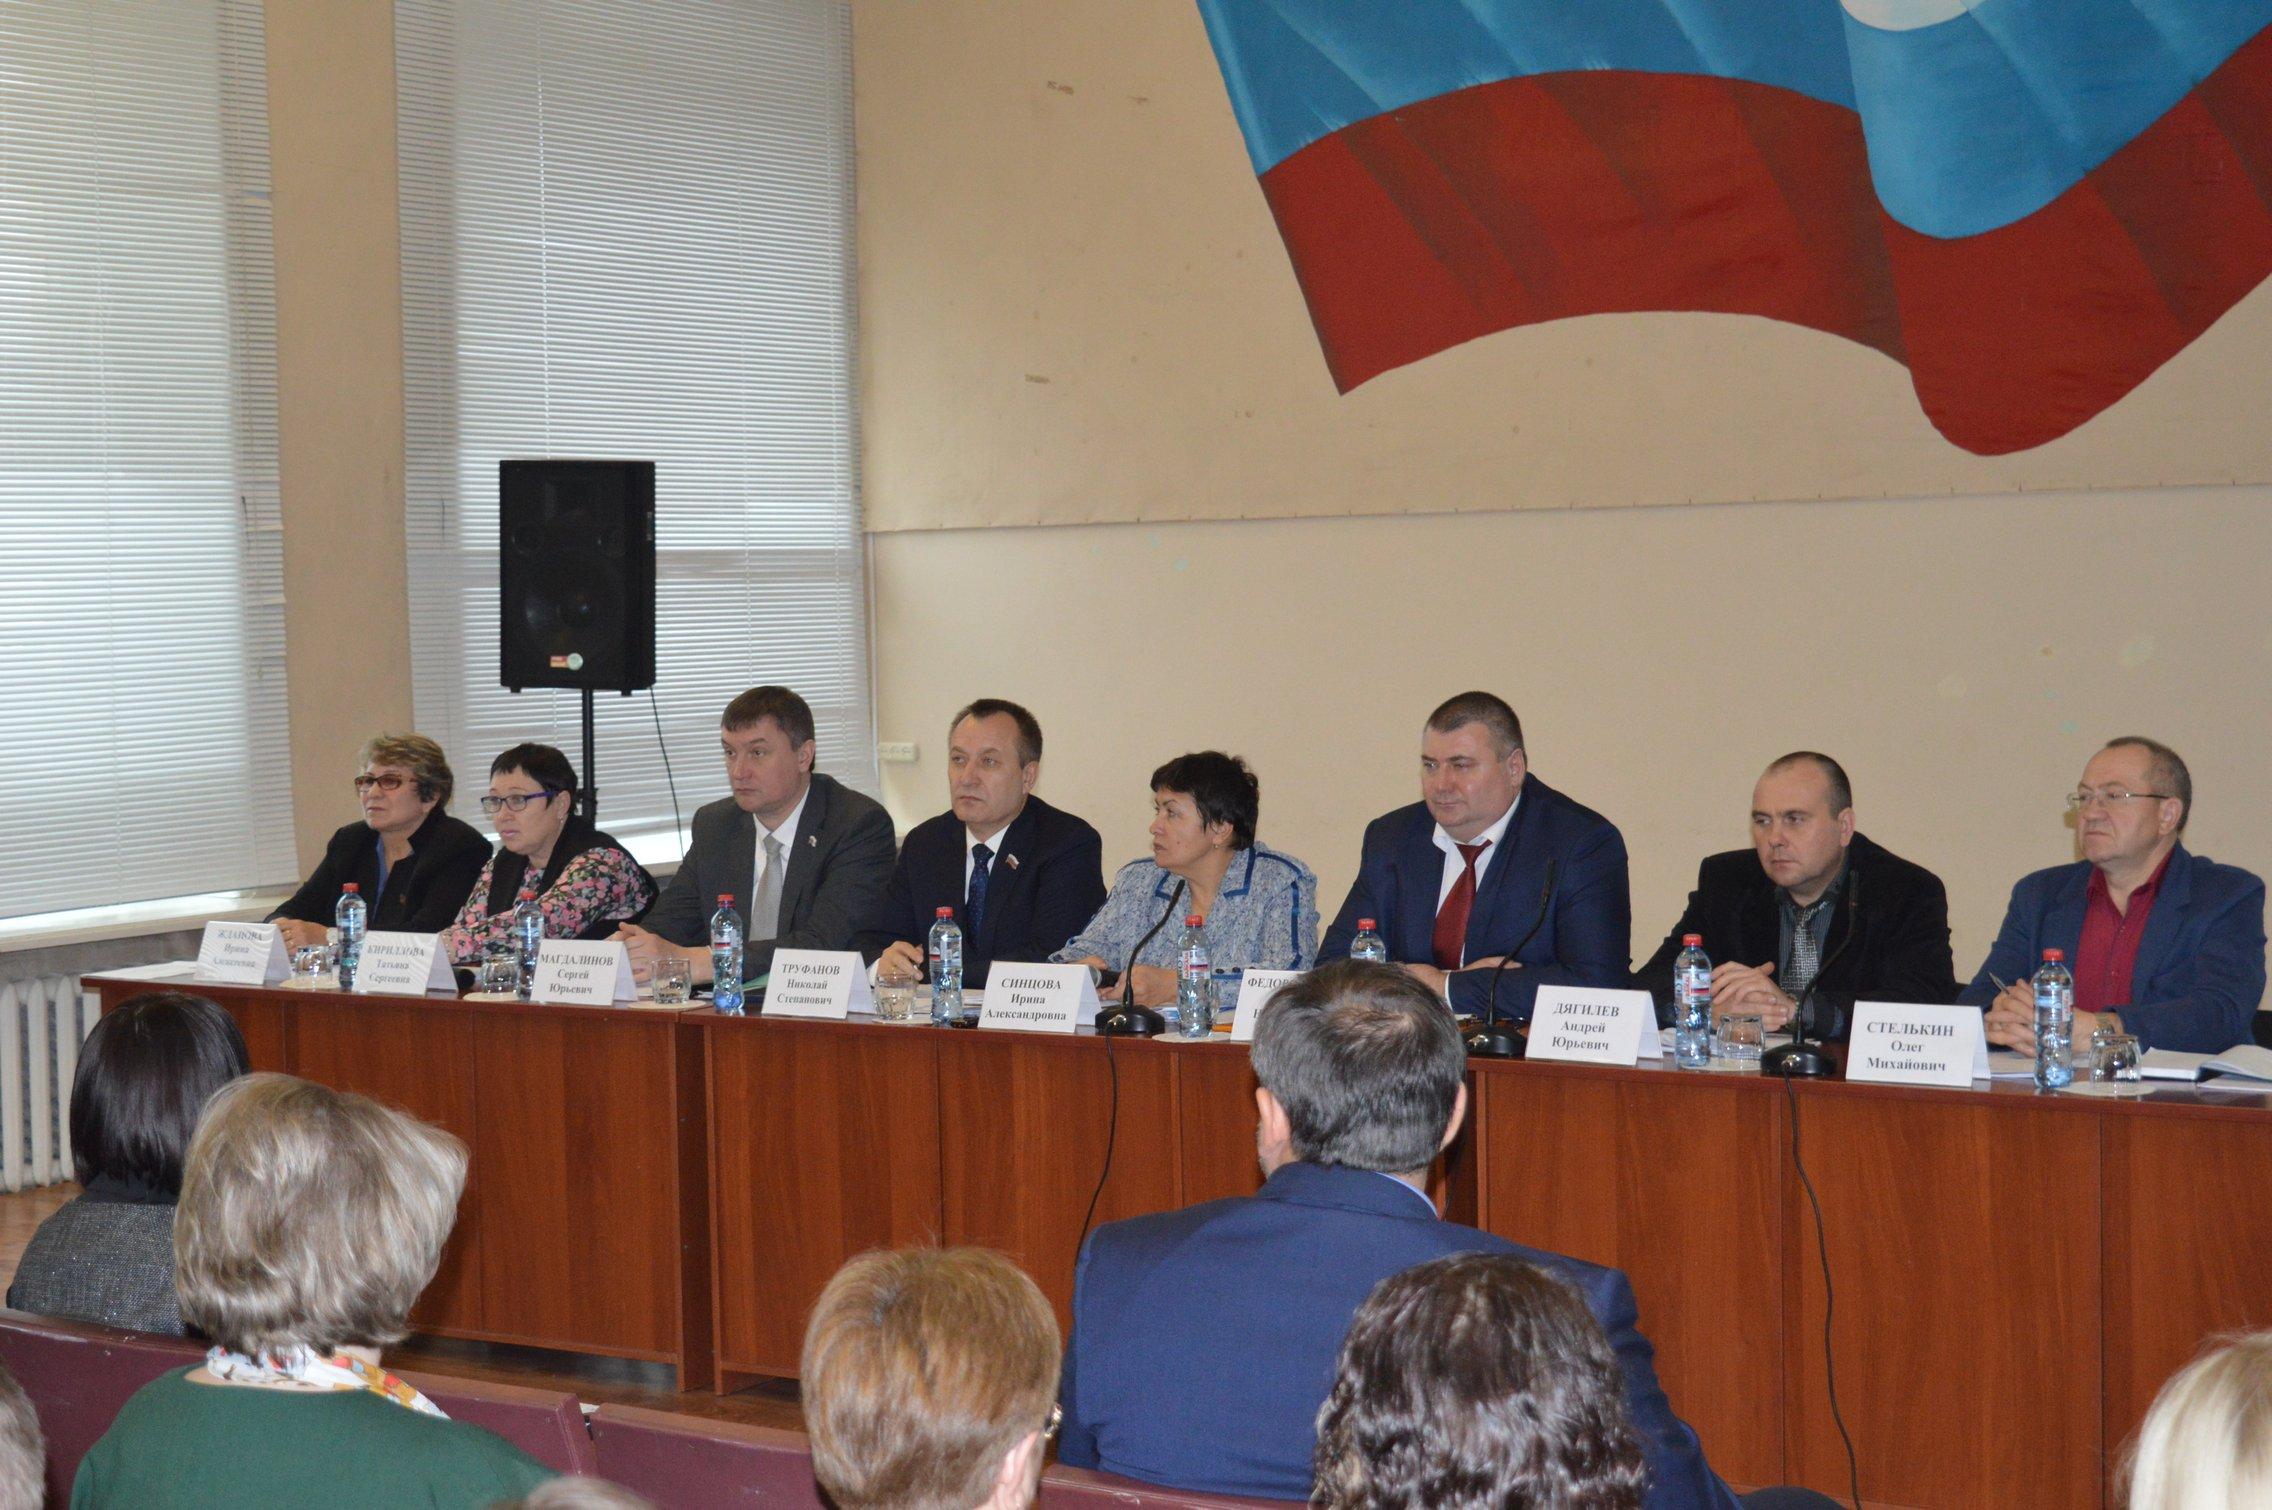 Семинар Законодательного Собрания Иркутской области 8 ноября 2017 года собрал сразу три района: Качугский, Жигаловский и Казачинско-Ленский